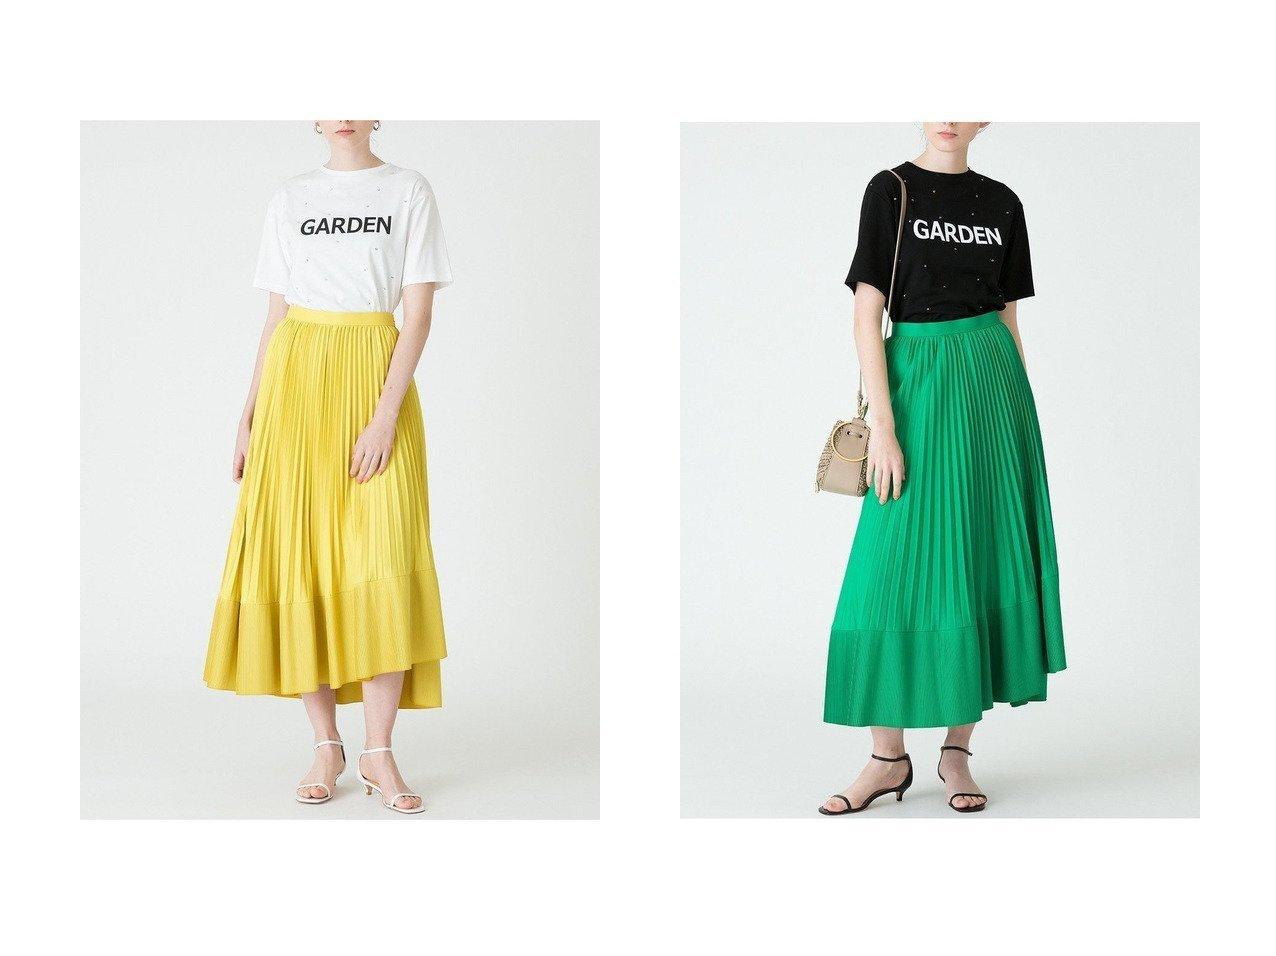 【allureville/アルアバイル】の【Loulou Willoughby】ティアードプリーツスカート allurevilleのおすすめ!人気、トレンド・レディースファッションの通販 おすすめで人気の流行・トレンド、ファッションの通販商品 メンズファッション・キッズファッション・インテリア・家具・レディースファッション・服の通販 founy(ファニー) https://founy.com/ ファッション Fashion レディースファッション WOMEN スカート Skirt プリーツスカート Pleated Skirts ロングスカート Long Skirt 2021年 2021 2021 春夏 S/S SS Spring/Summer 2021 S/S 春夏 SS Spring/Summer アシンメトリー ティアード プリーツ ロング 春 Spring |ID:crp329100000016948